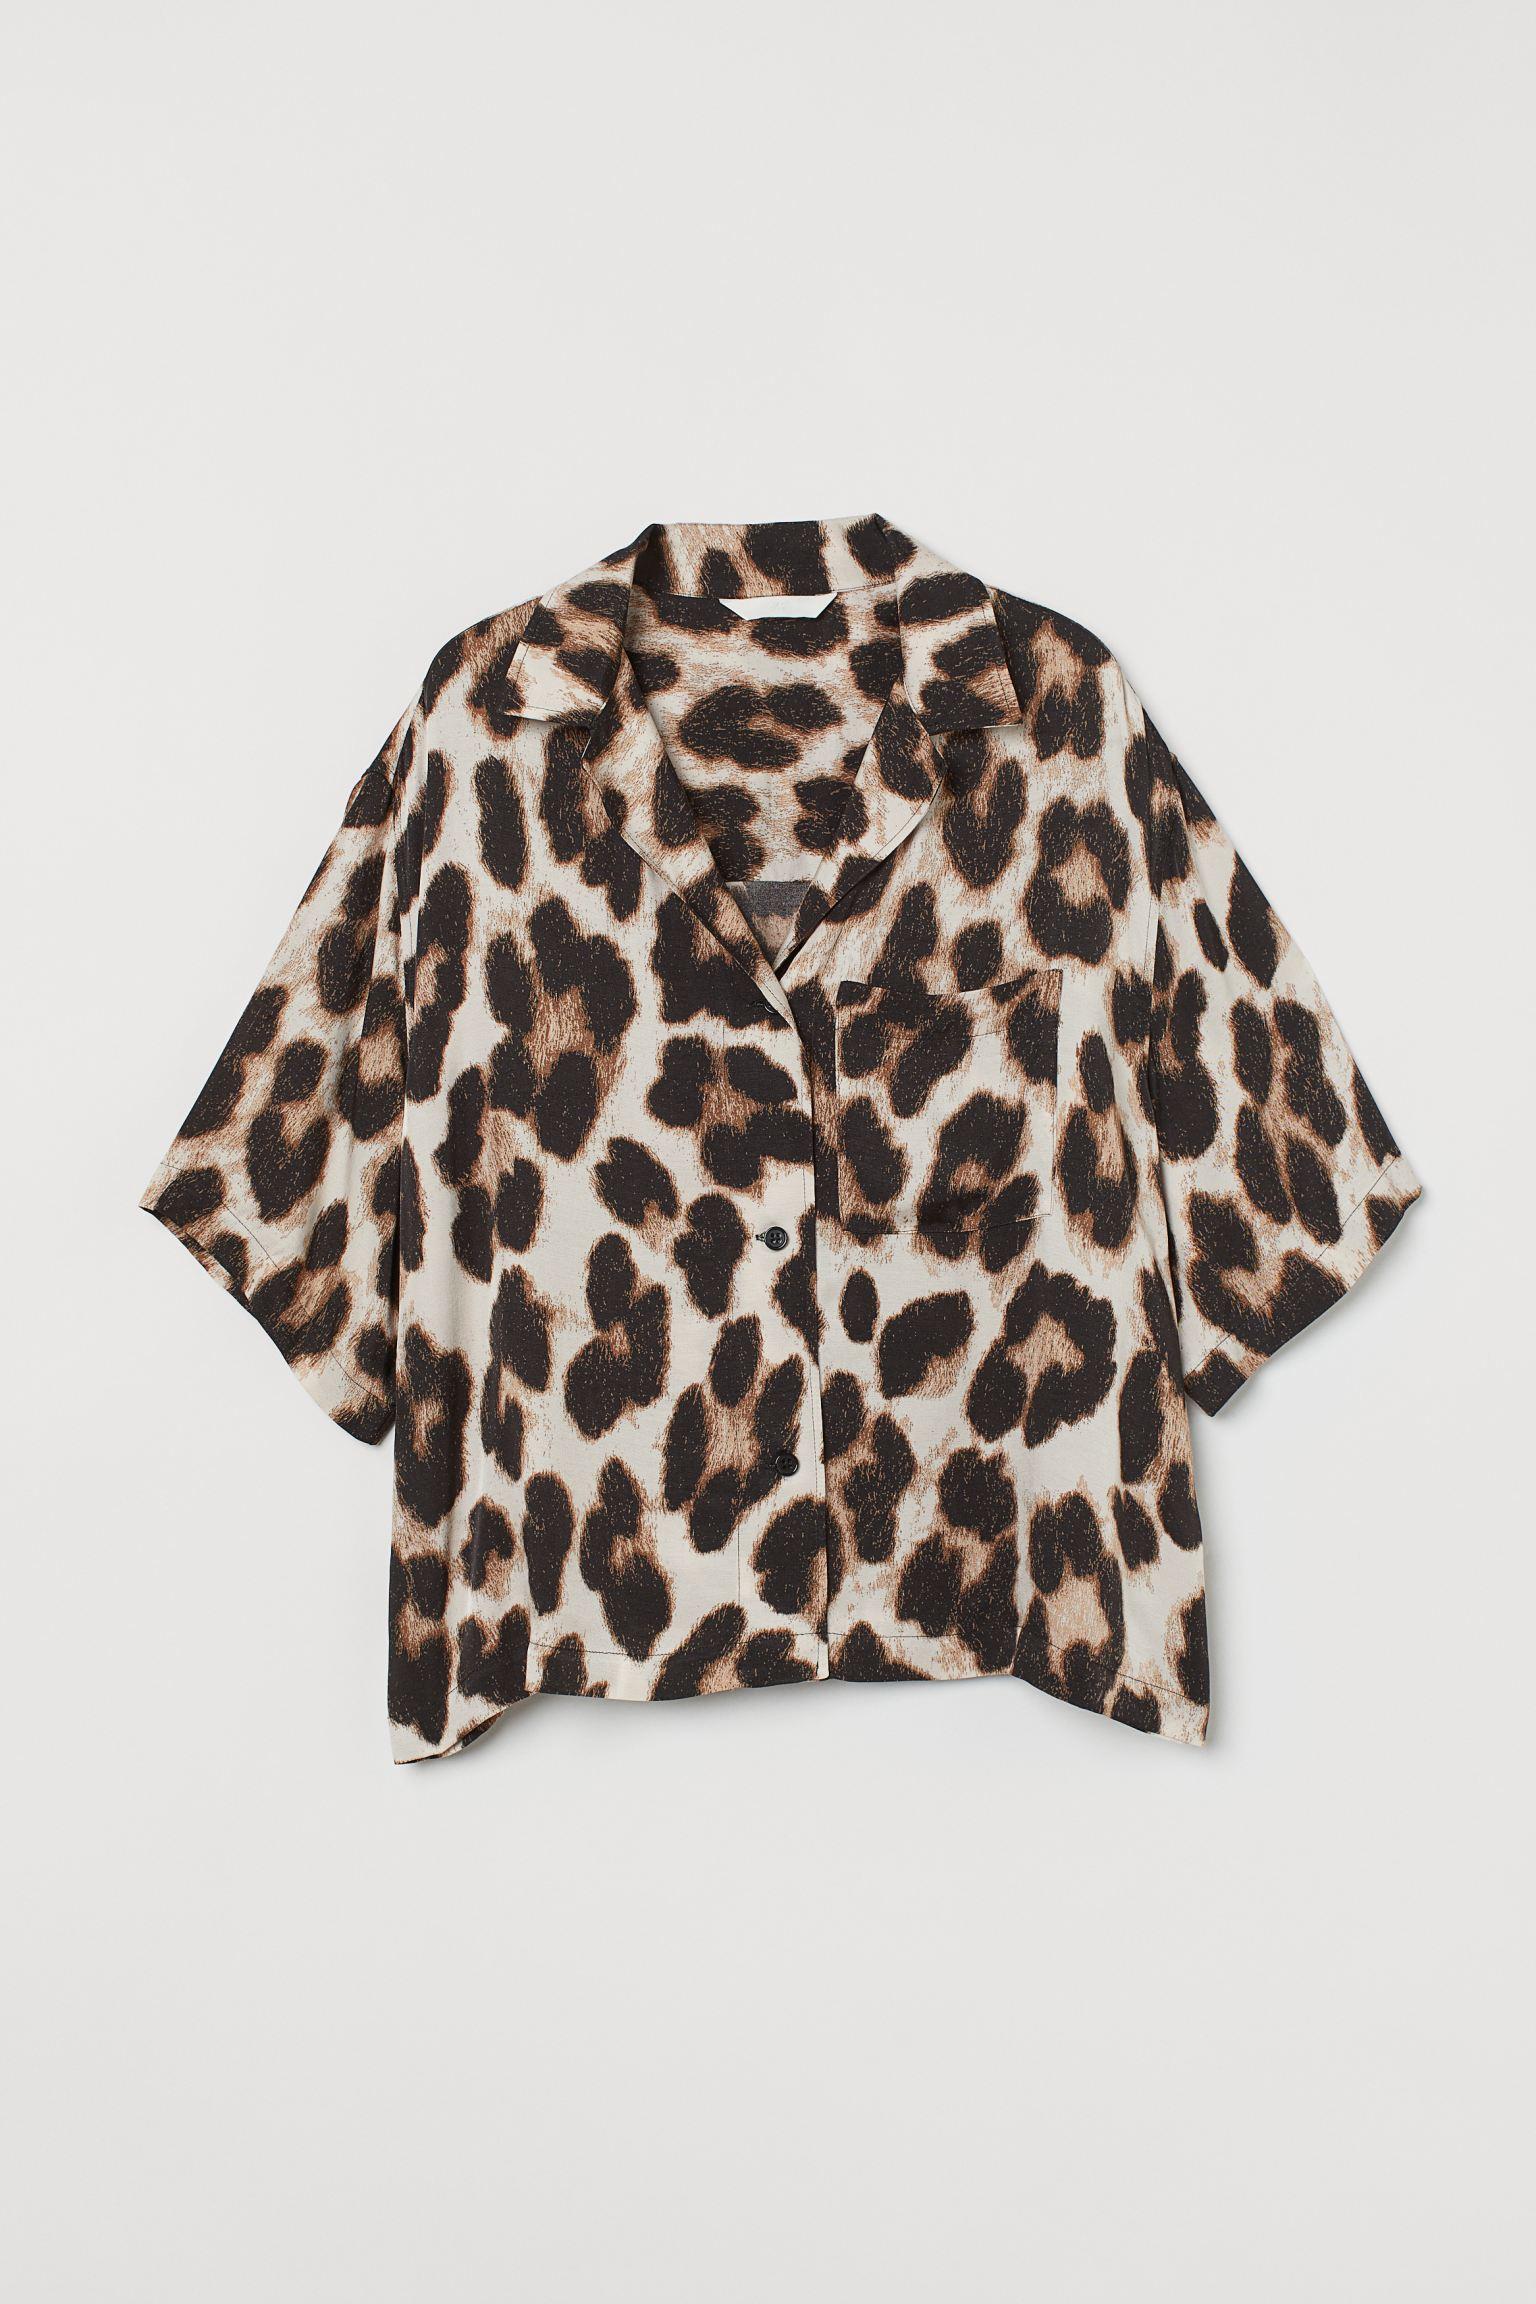 Camisa amplia en tejido de viscosa con ligero brillo y suave caída. Modelo con cuello abierto, escote de pico, botones delante y canesú en la espalda. Bolsillo superior, hombros caídos y media manga.